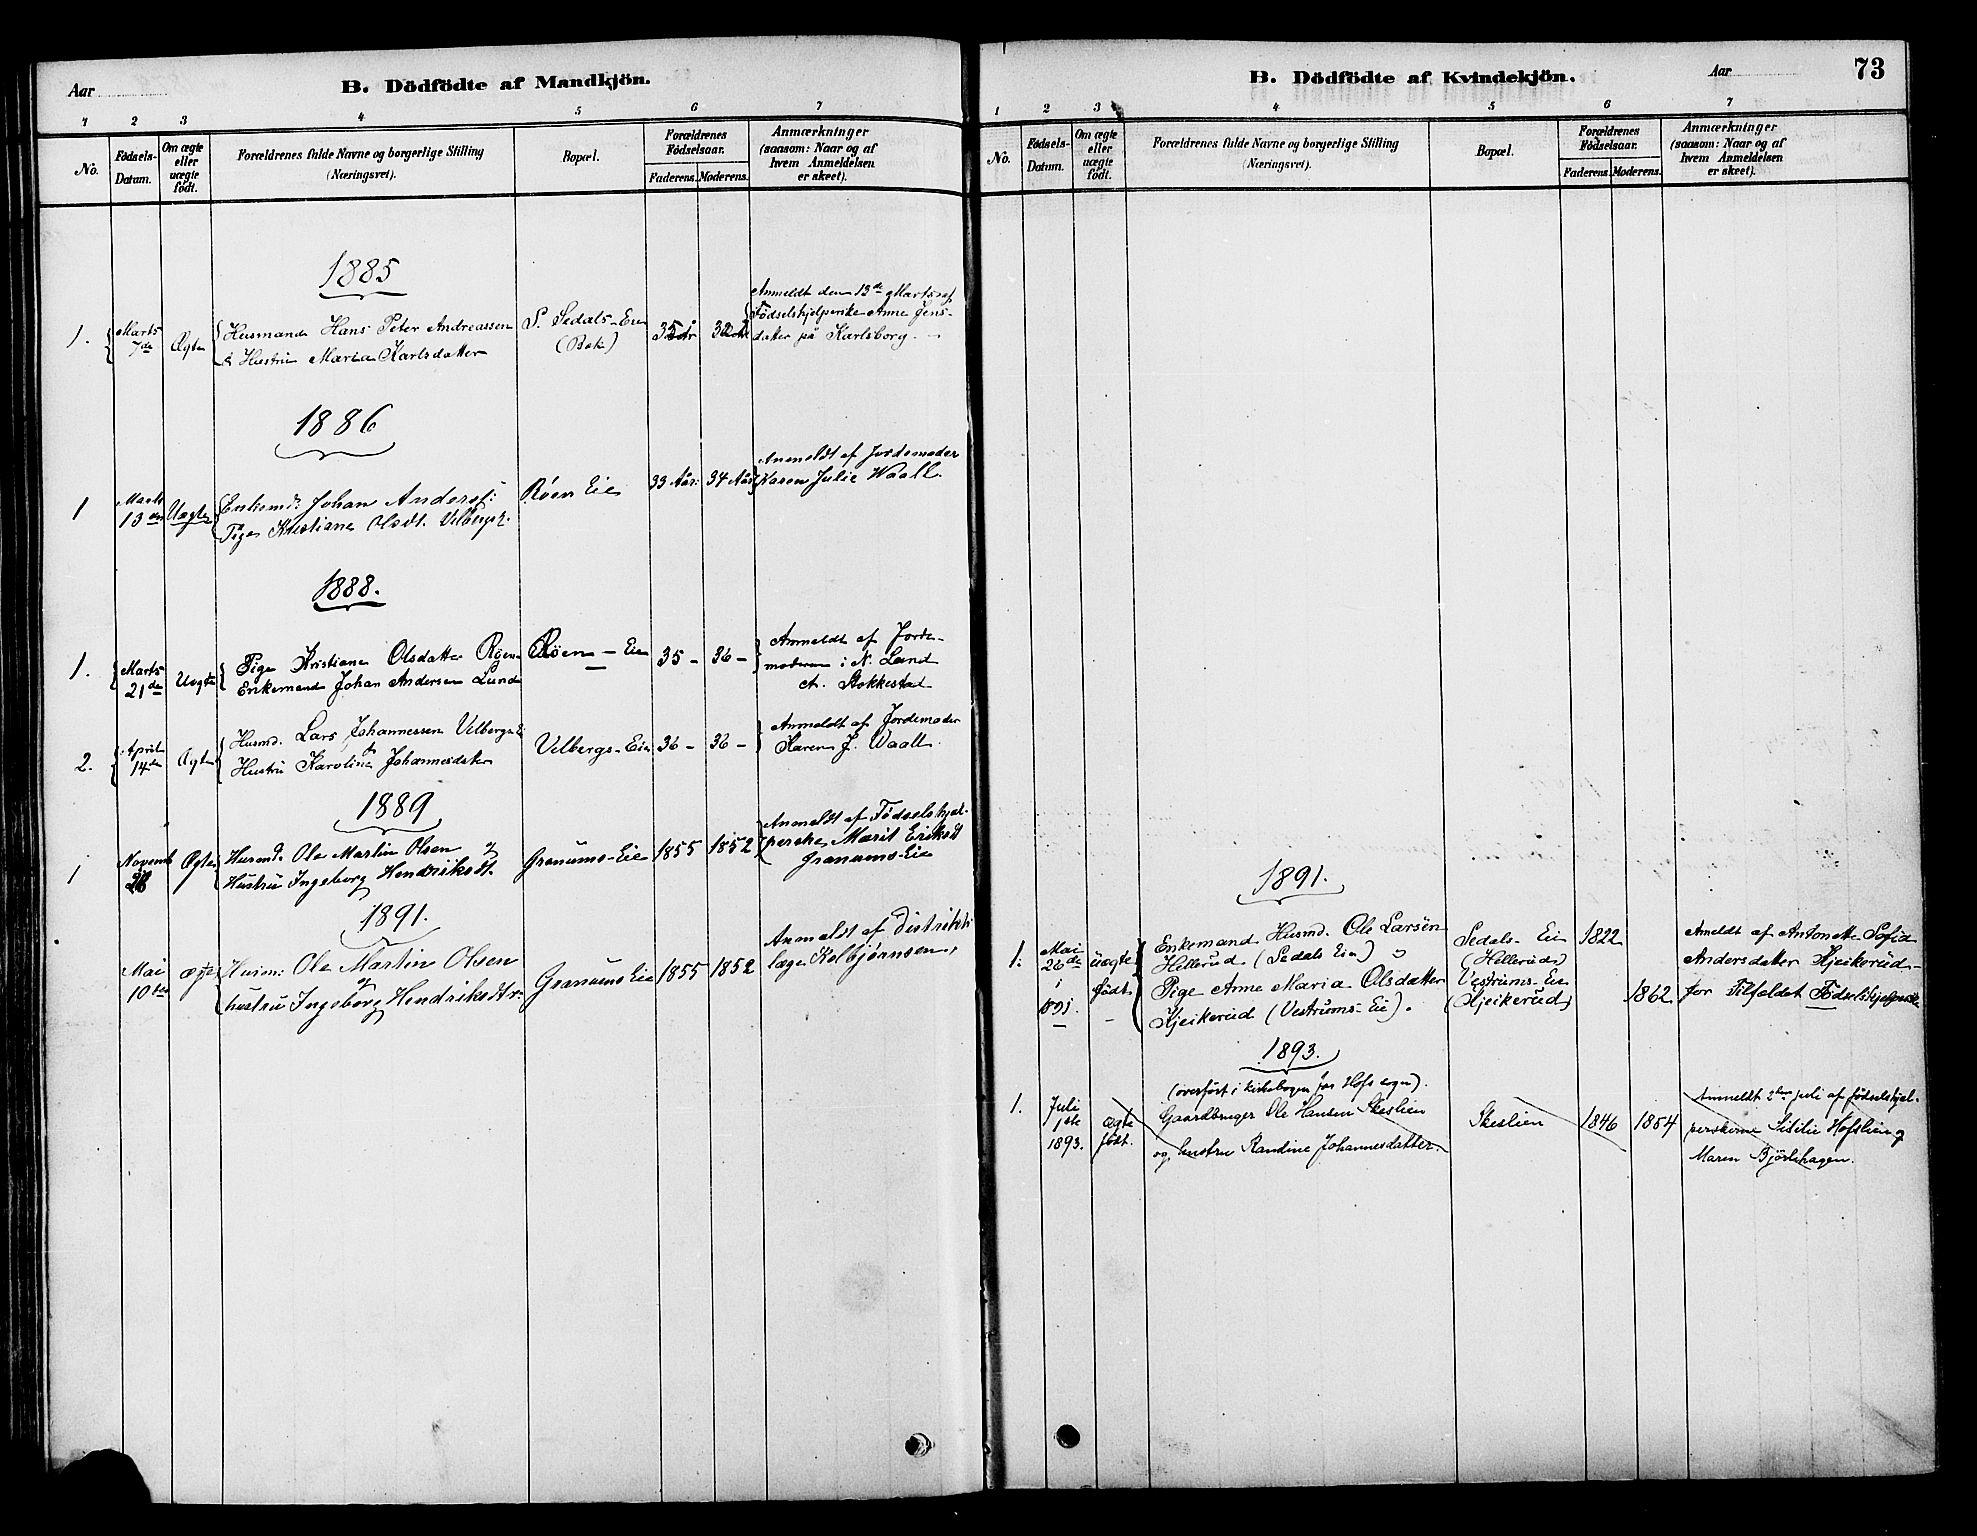 SAH, Søndre Land prestekontor, K/L0002: Ministerialbok nr. 2, 1878-1894, s. 73